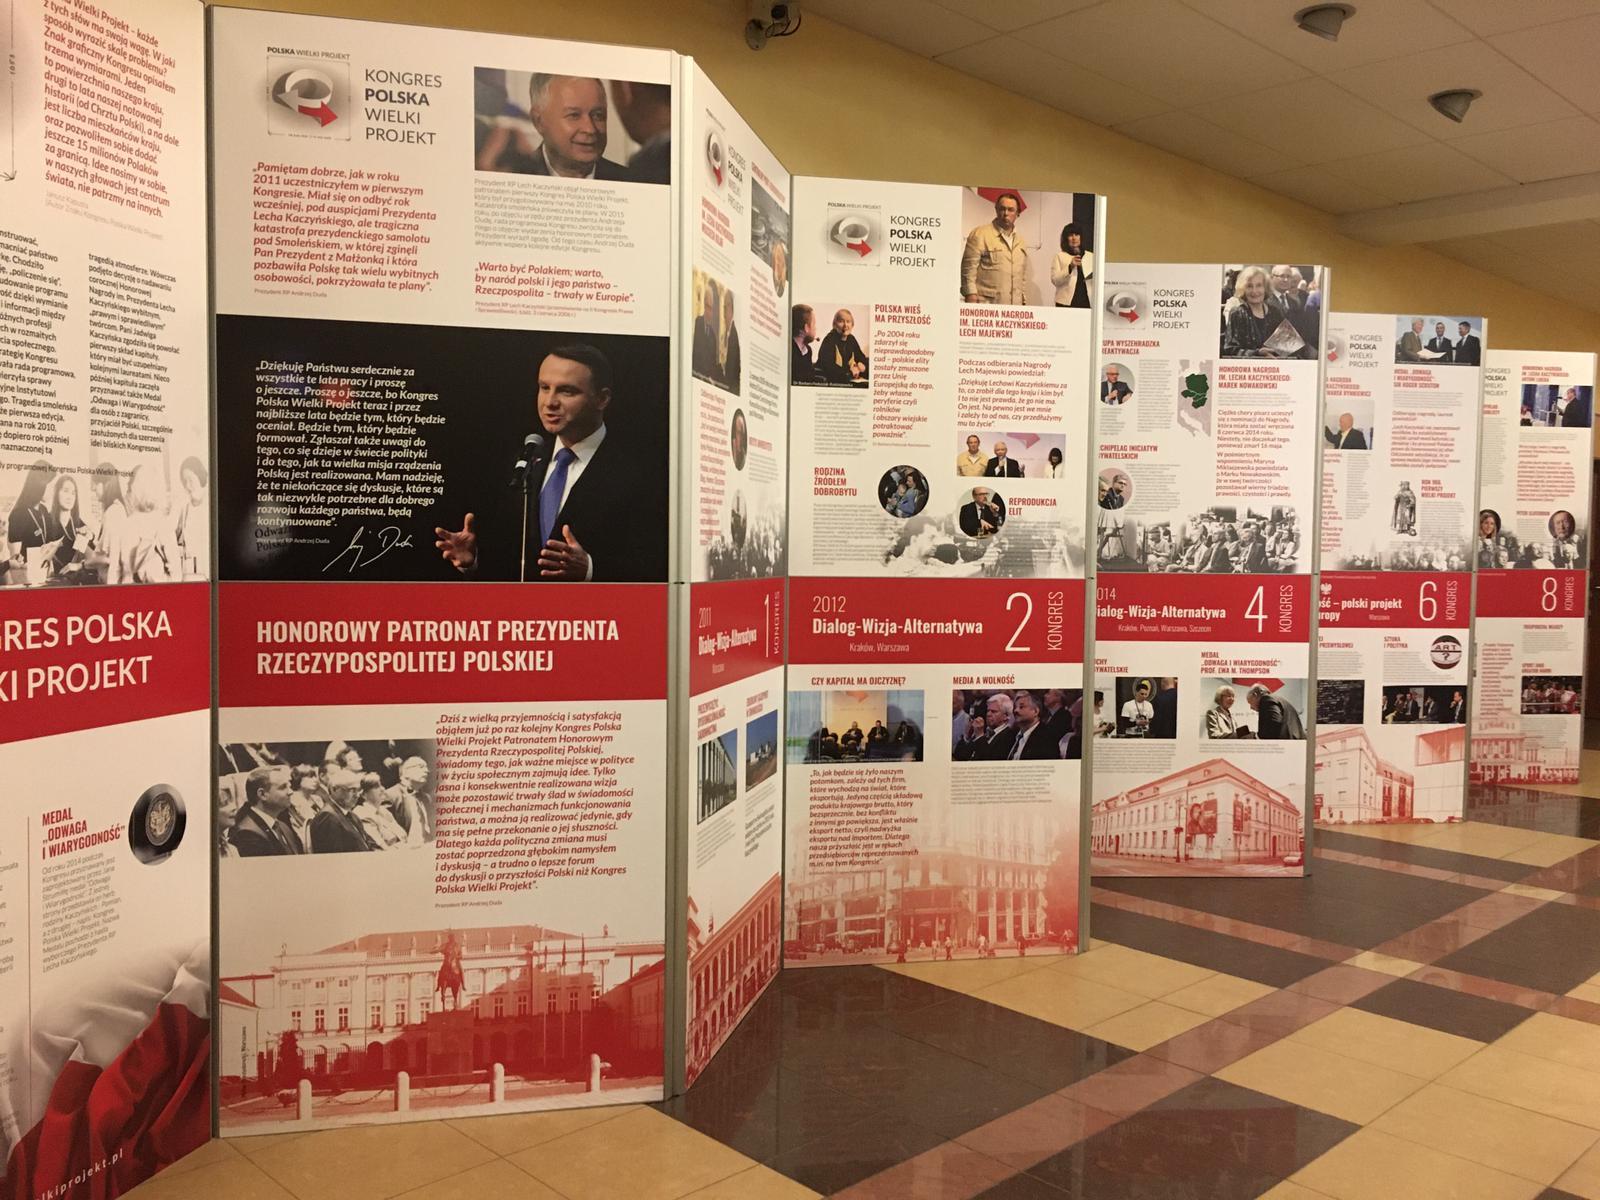 Wystawa Kongres Polska Wielki Projekt 2011-2019